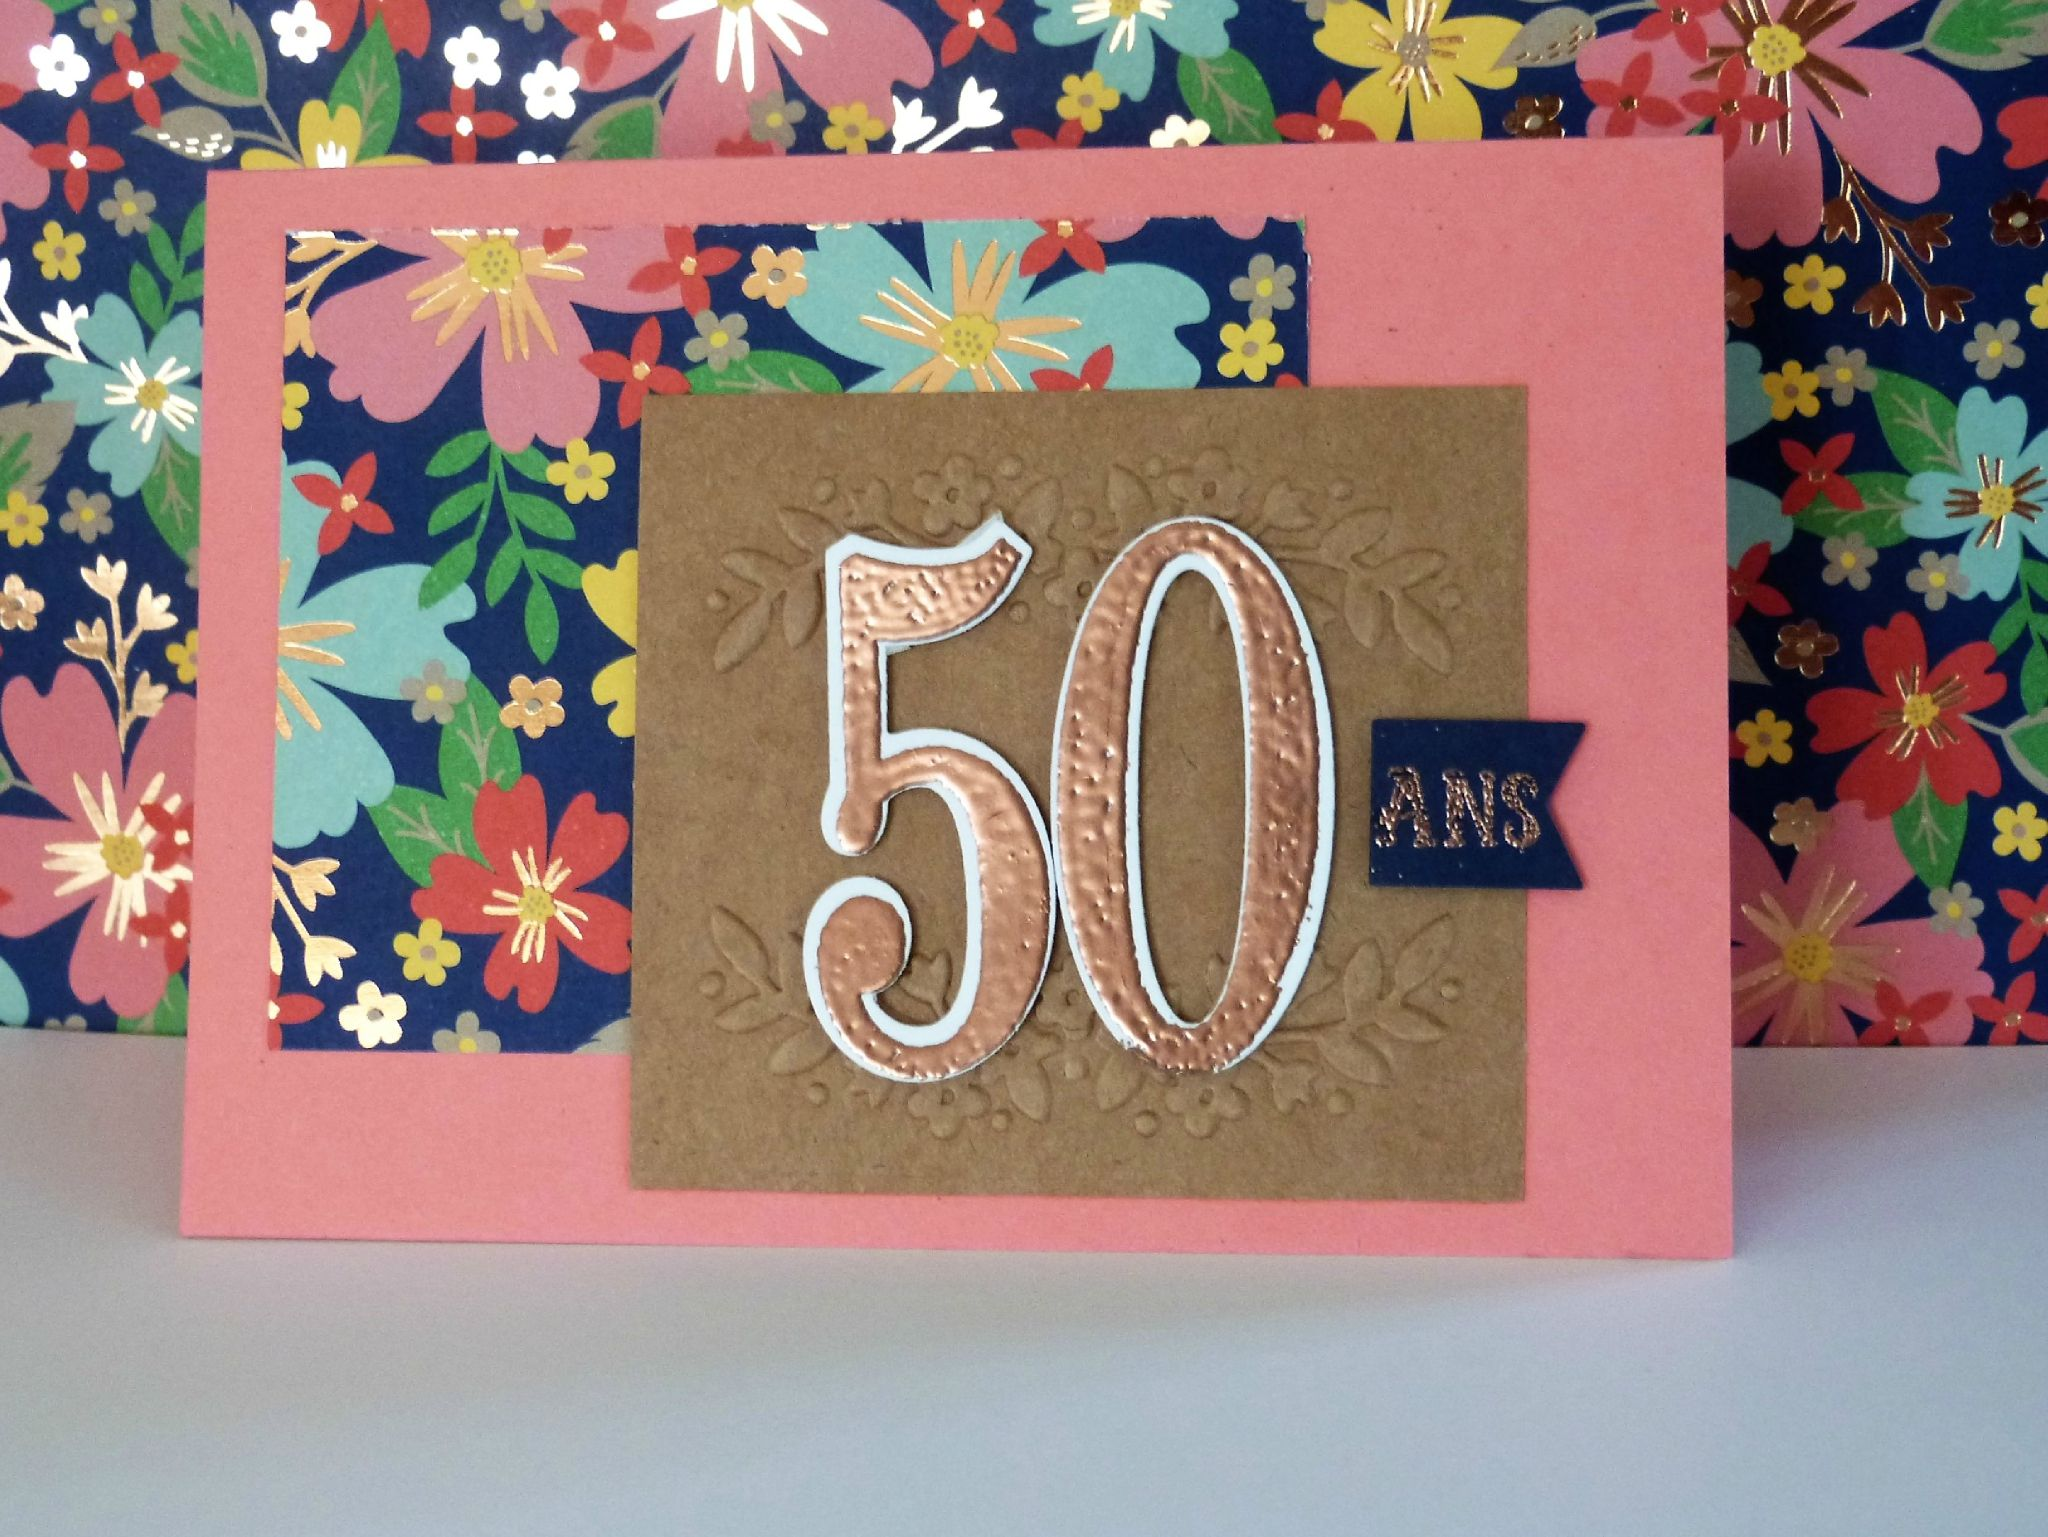 Carte d'anniversaire, stampin'up, Papier de la série affectueusement, Plioir à gaufrage tendresse florale, au fil des ans, fannystamp31